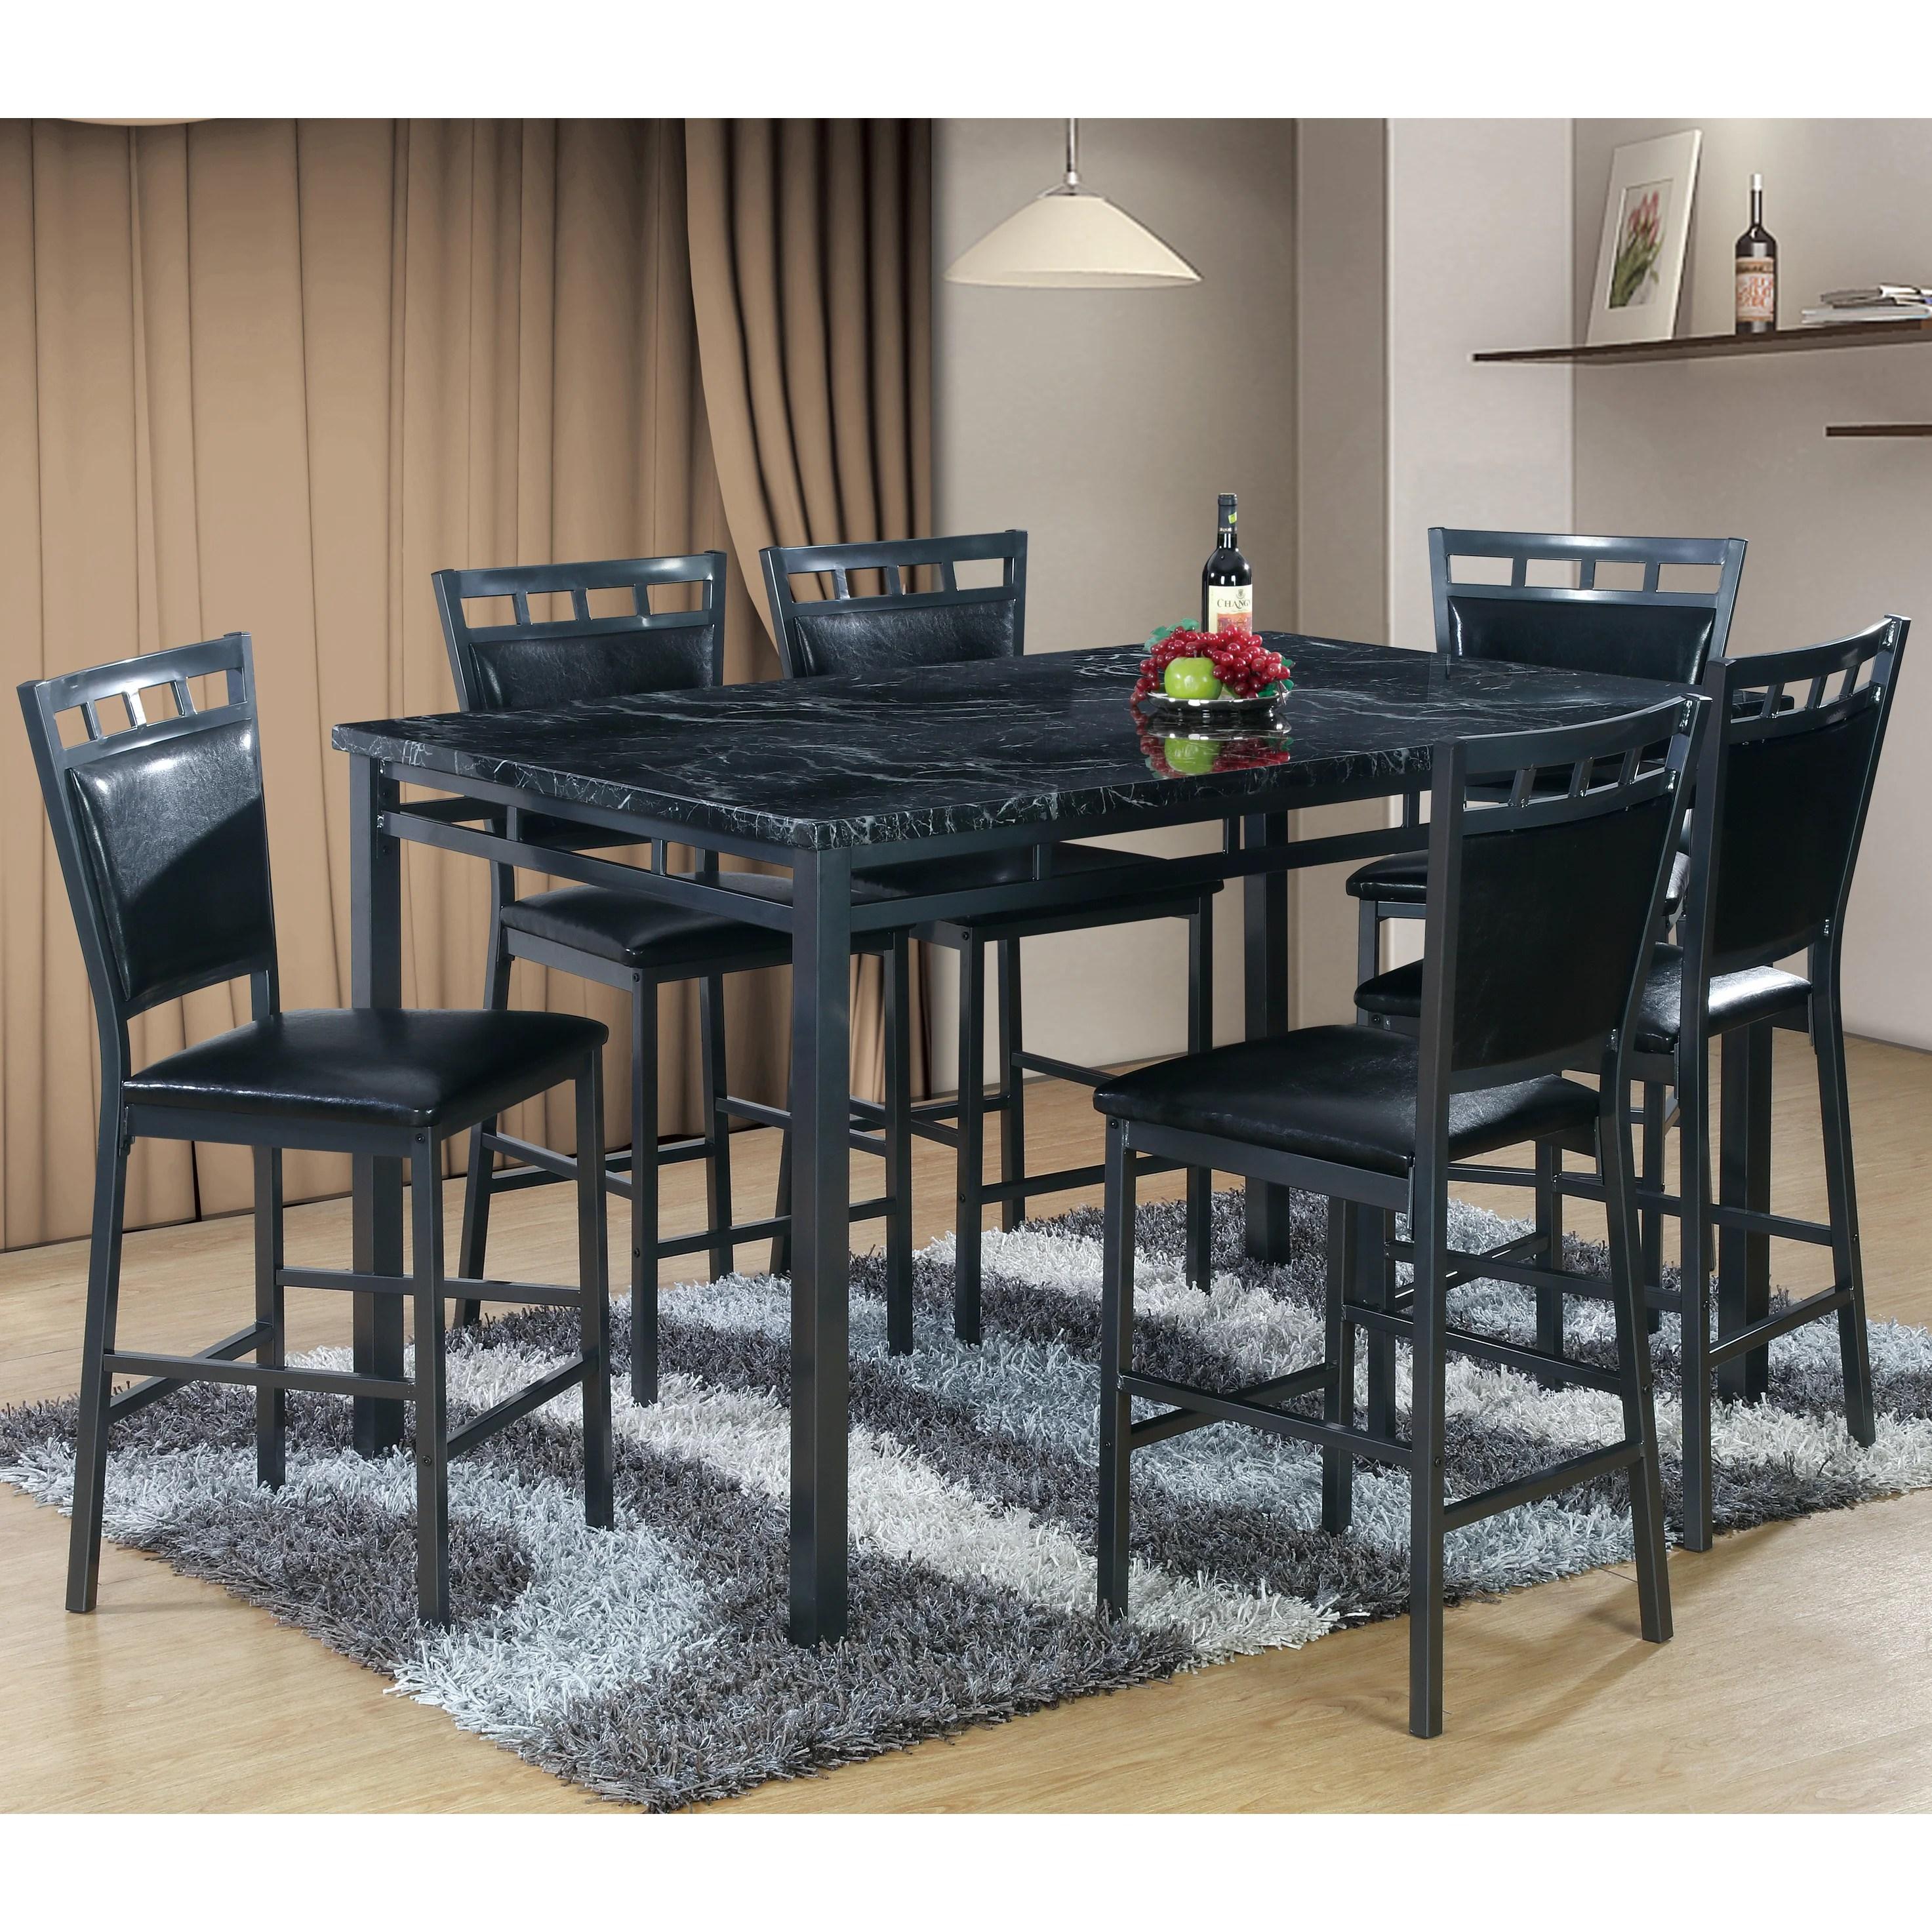 7 piece kitchen dining room sets c a~ kitchen table sets 7 Piece Counter Height Dining Table Set